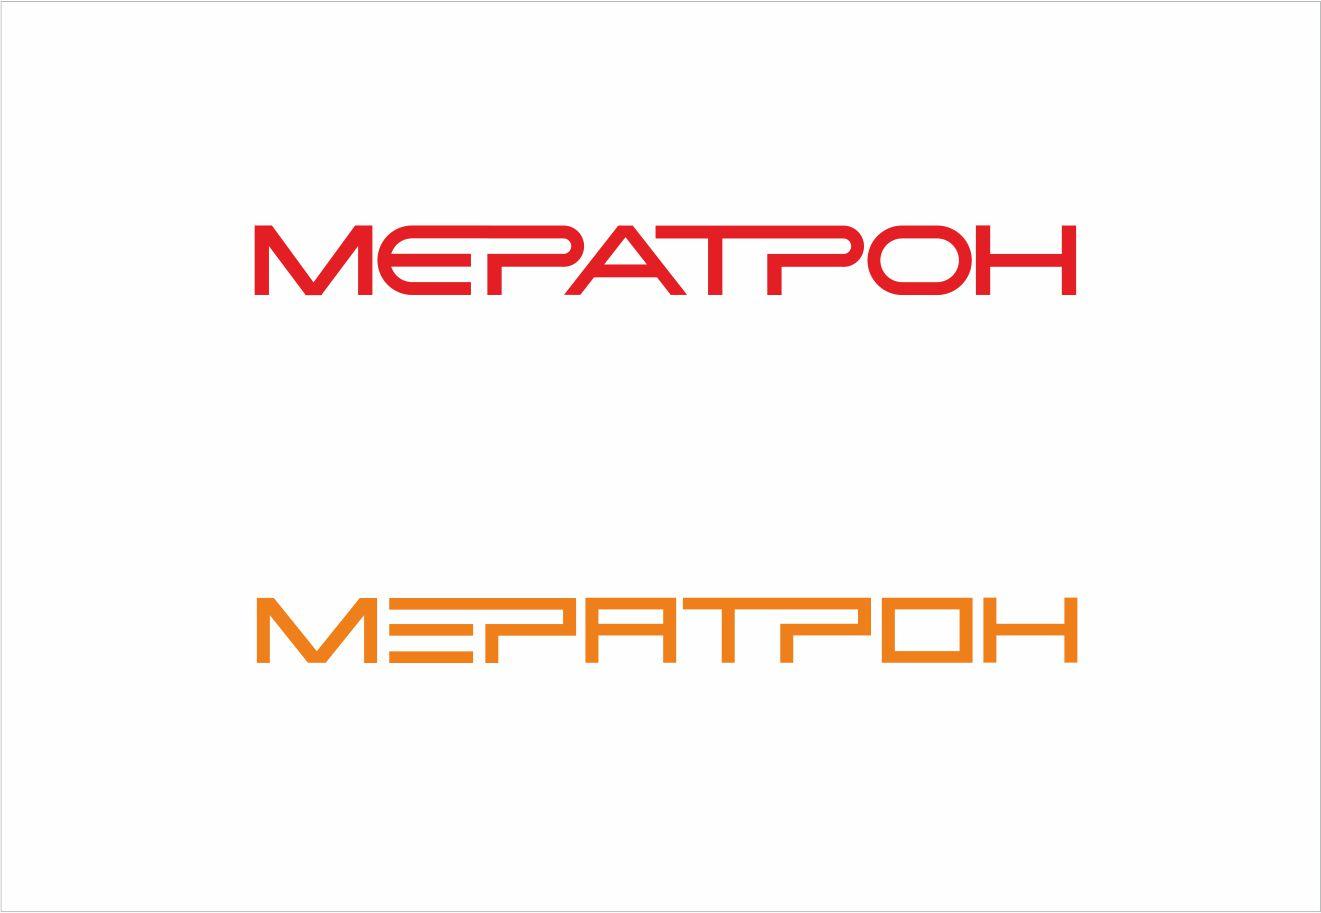 Разработать логотип организации фото f_4f0dd06f8d6c2.jpg